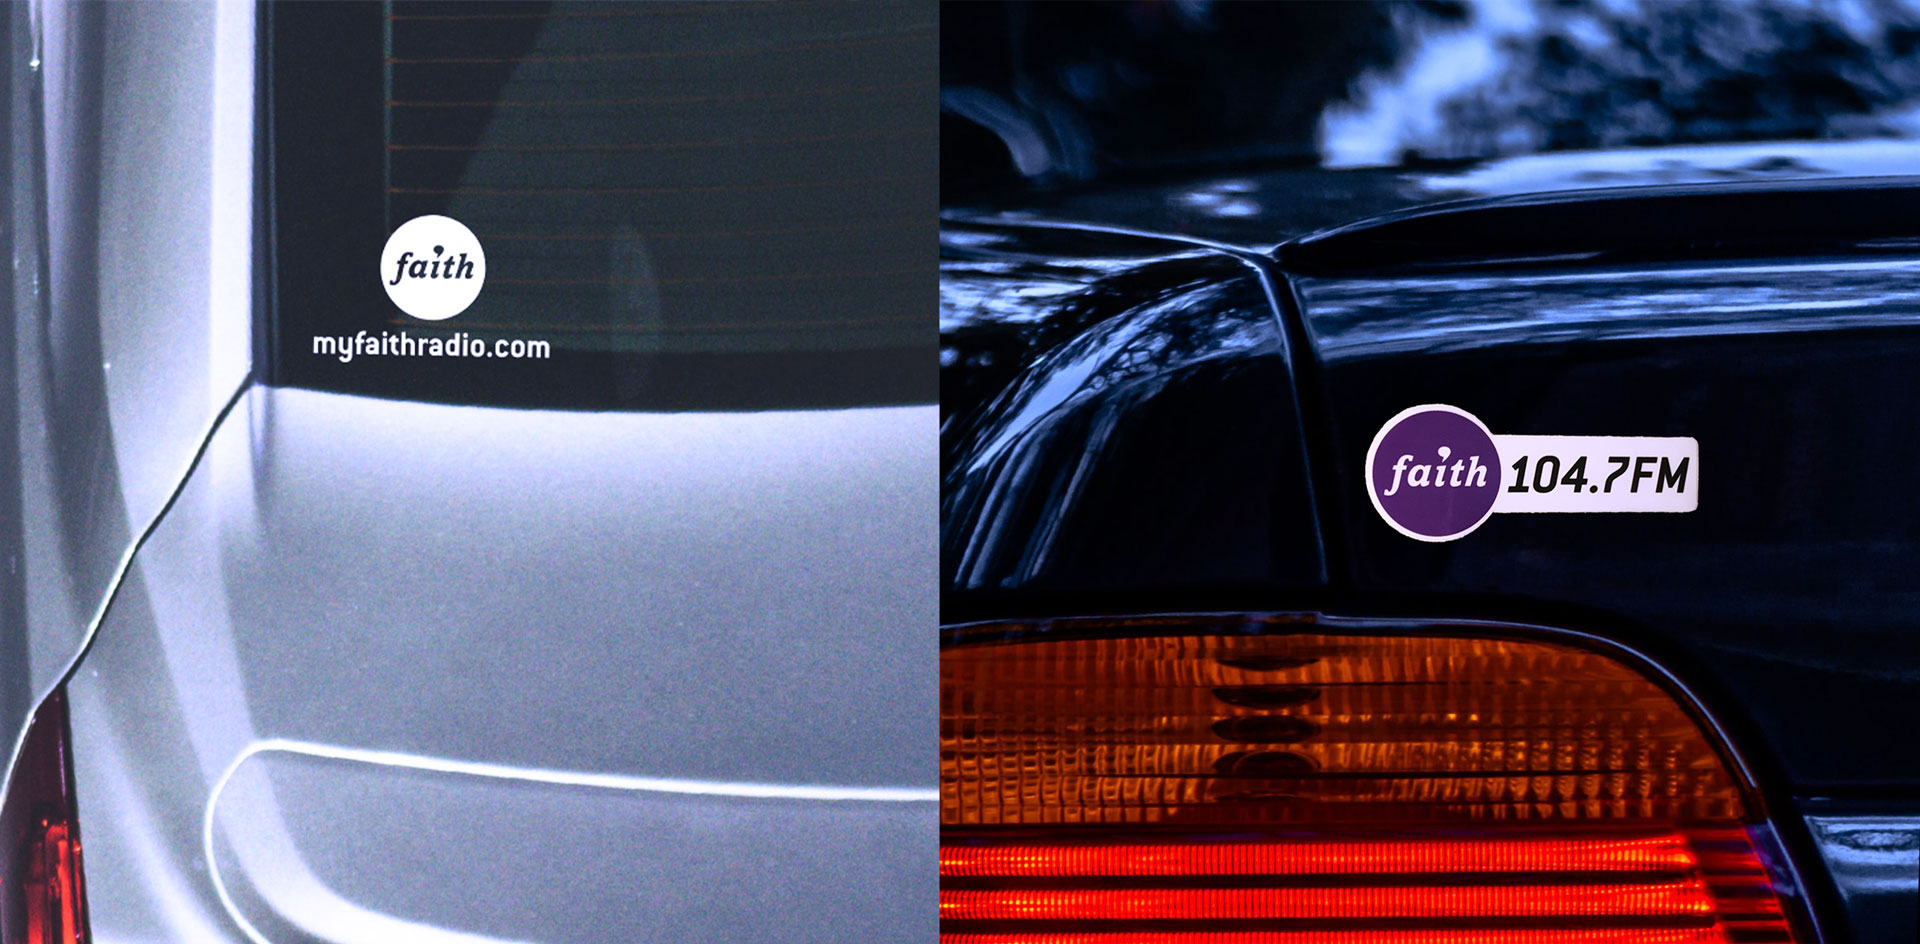 Window-Decal_Bumper-Sticker-final